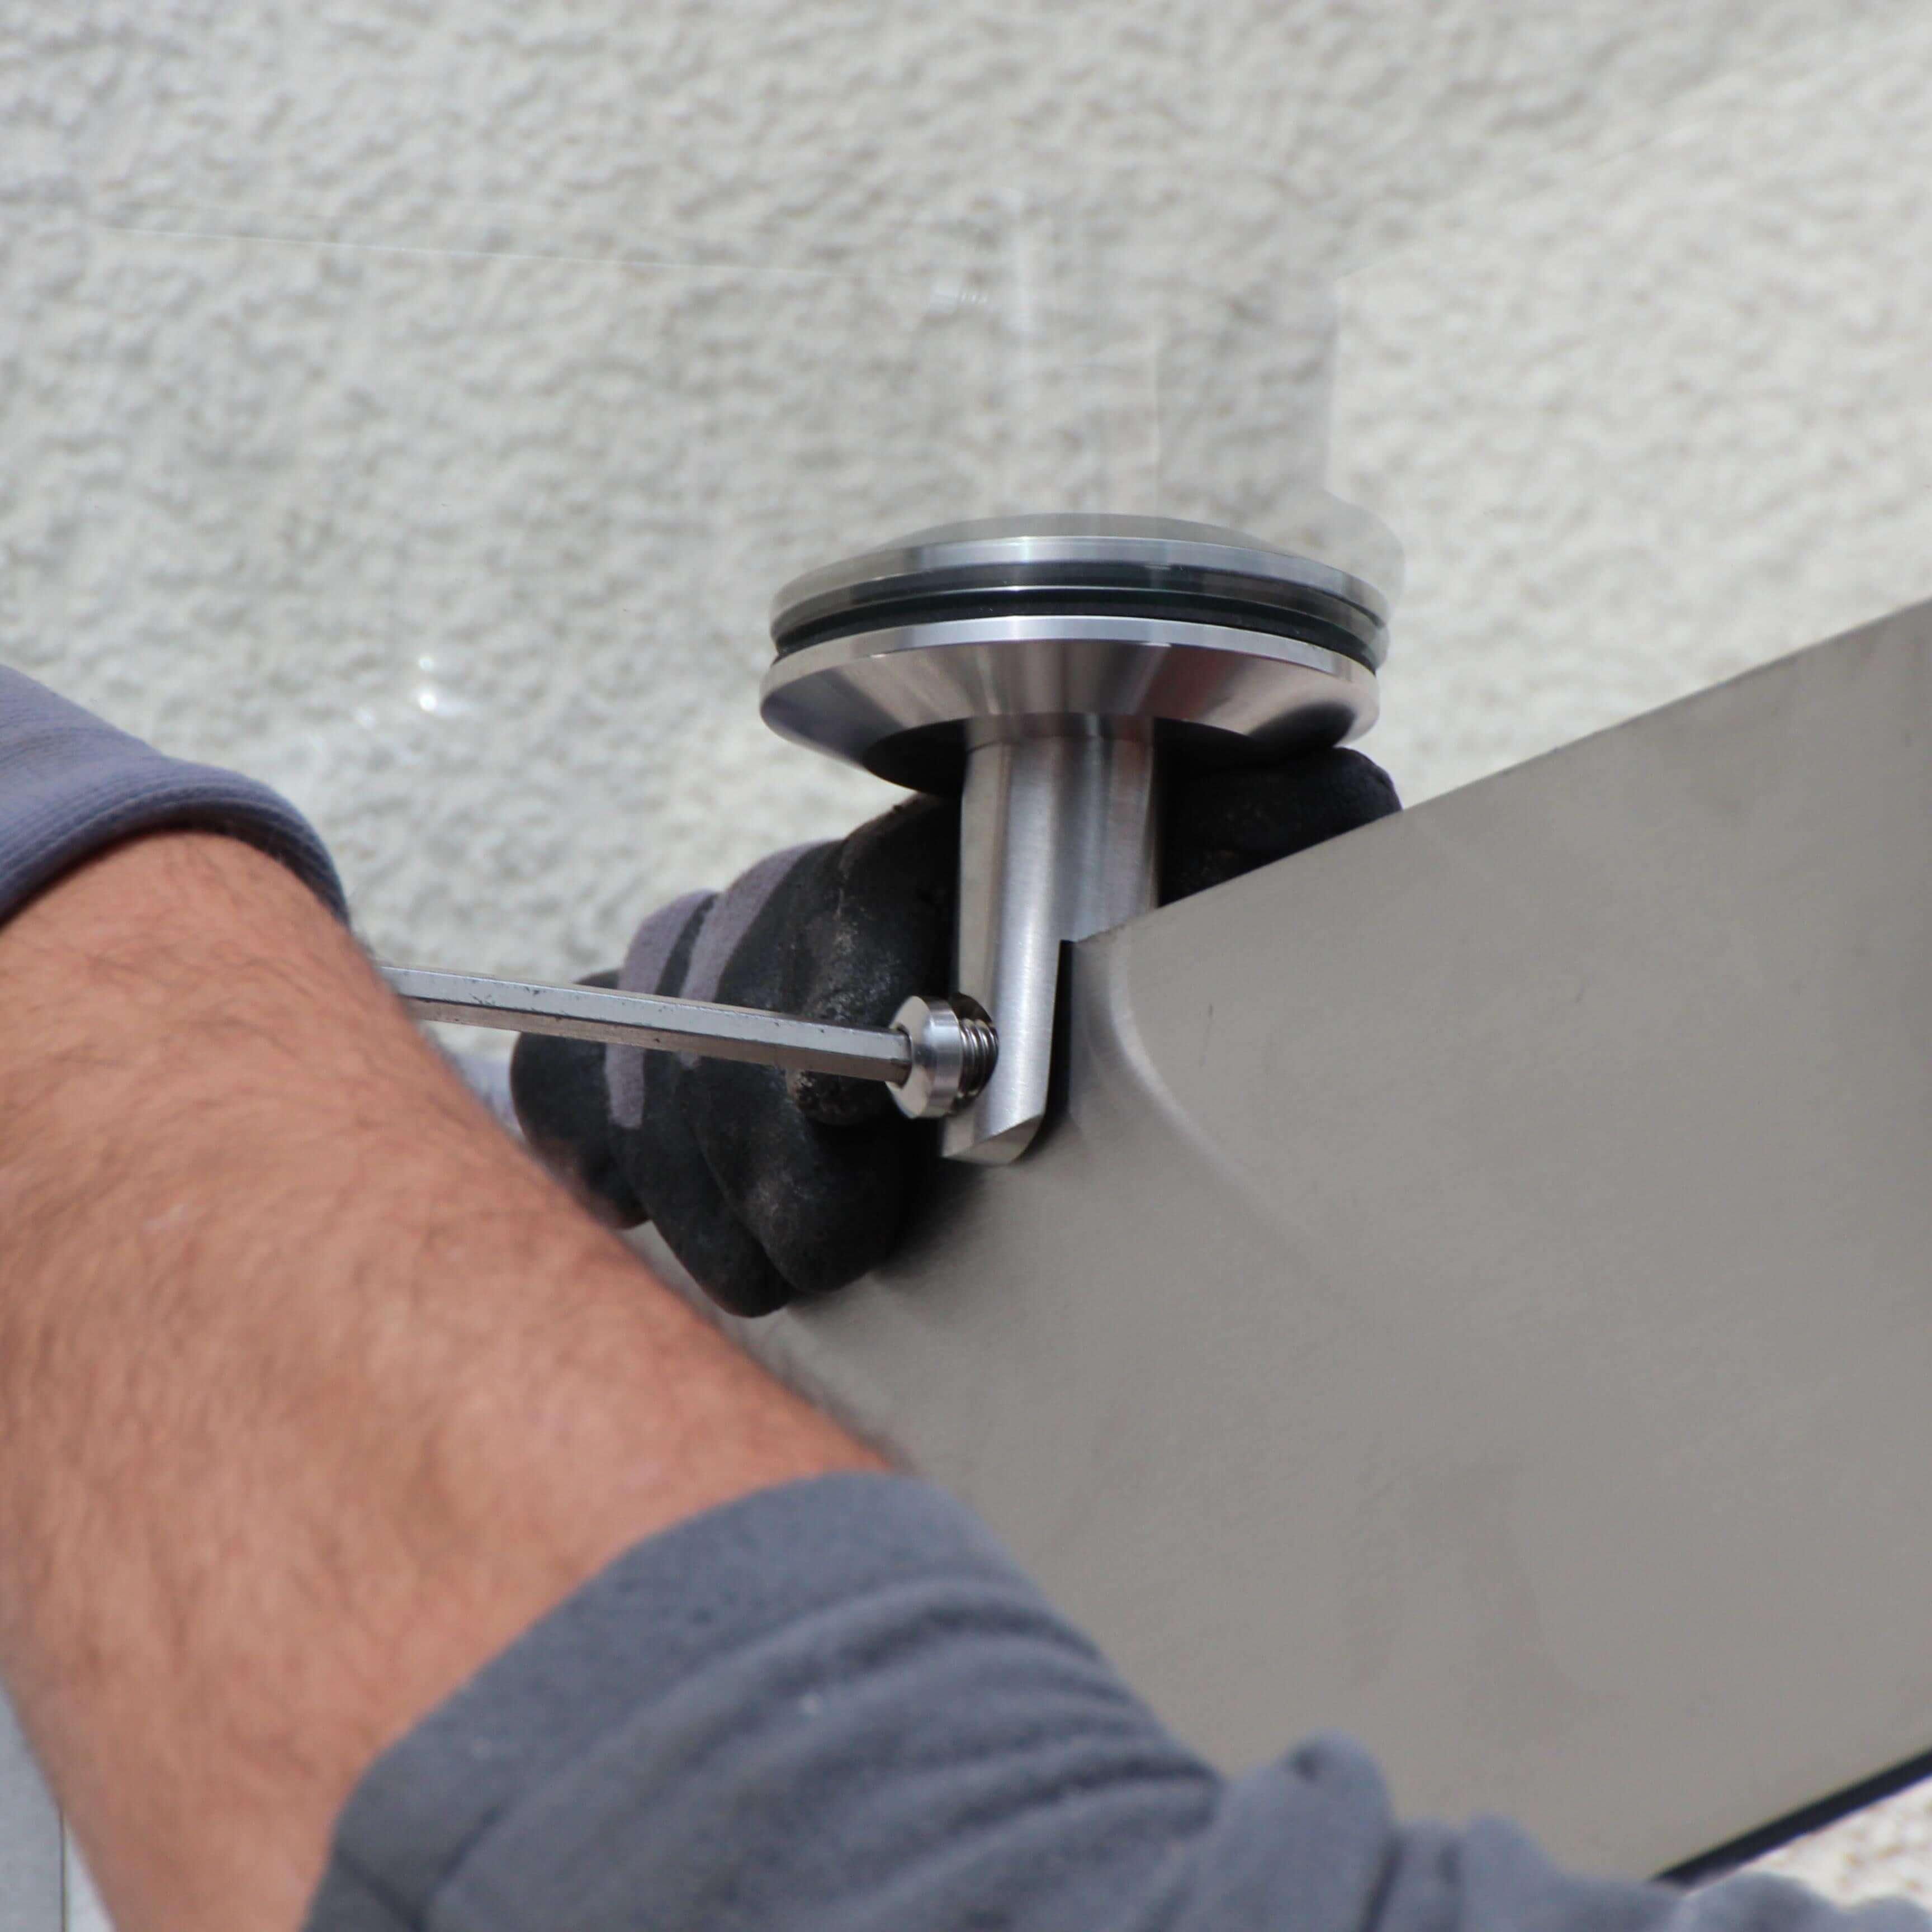 Vordach-Schwert mit Glas verschrauben